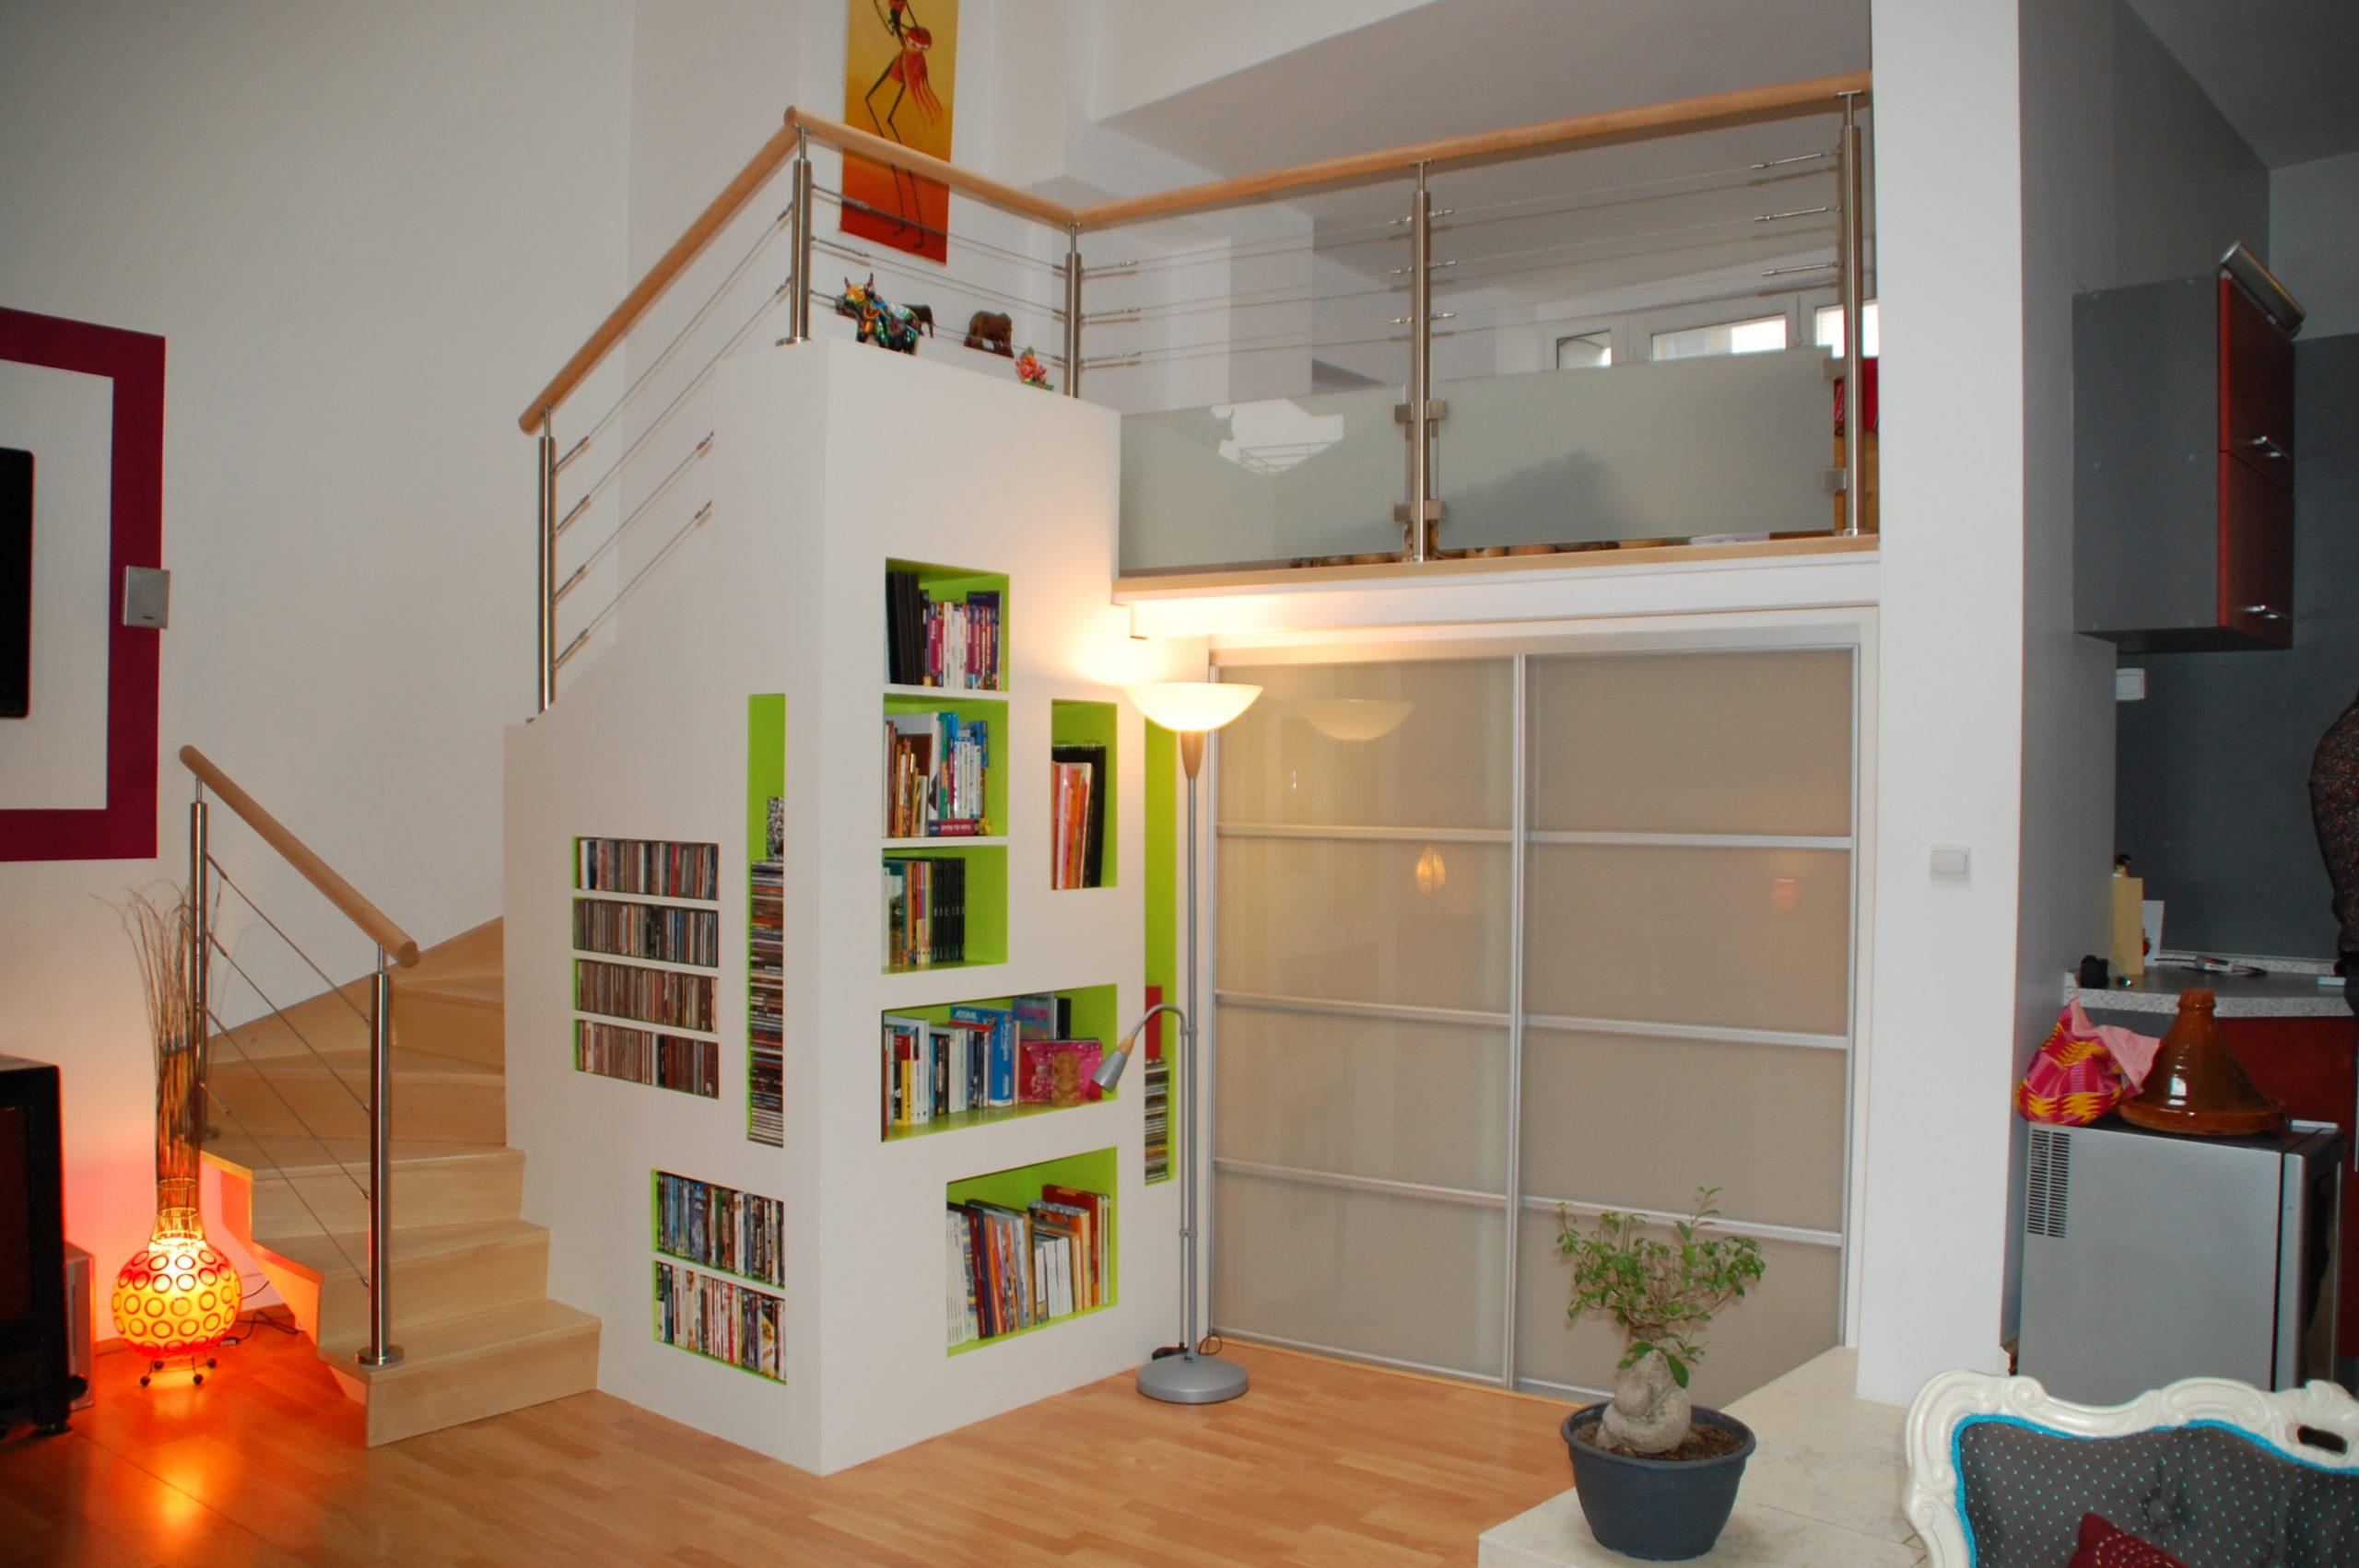 escalier avec bibliothéque integré